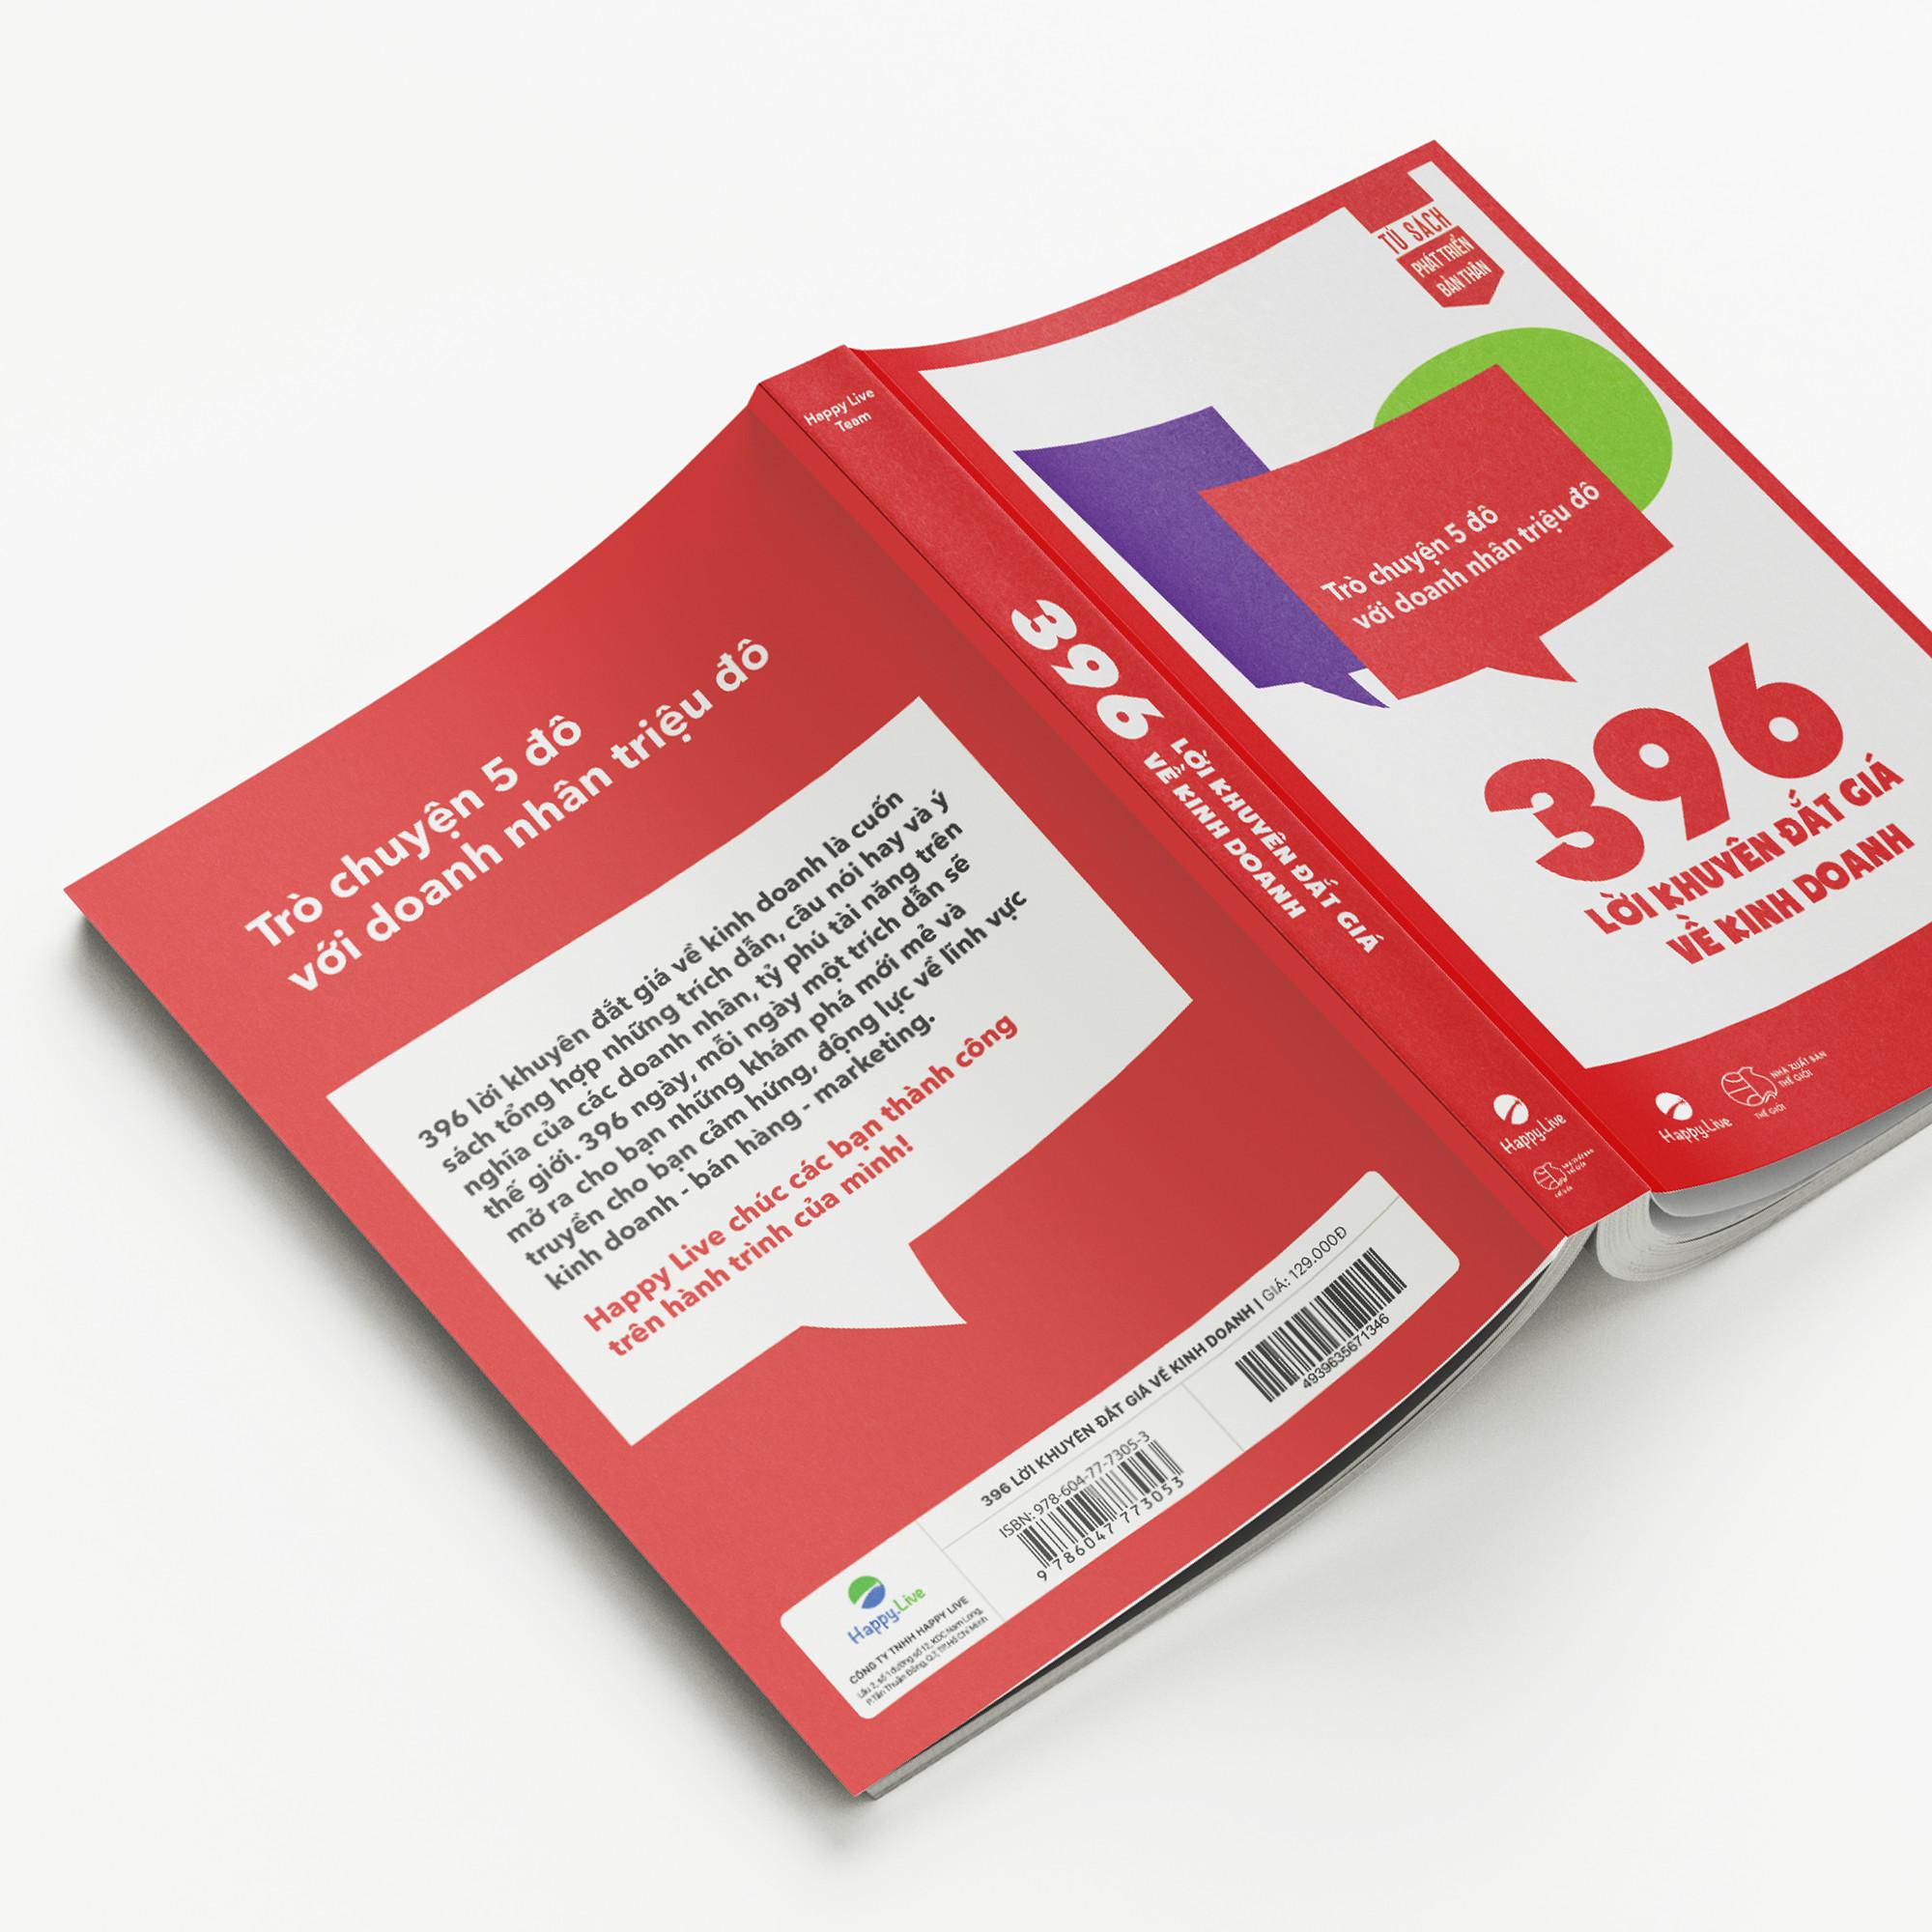 Bộ Sách 396 Lời Khuyên Khai Thông Trí Tuệ Nâng Tầm Tư Duy (gồm 3 cuốn)